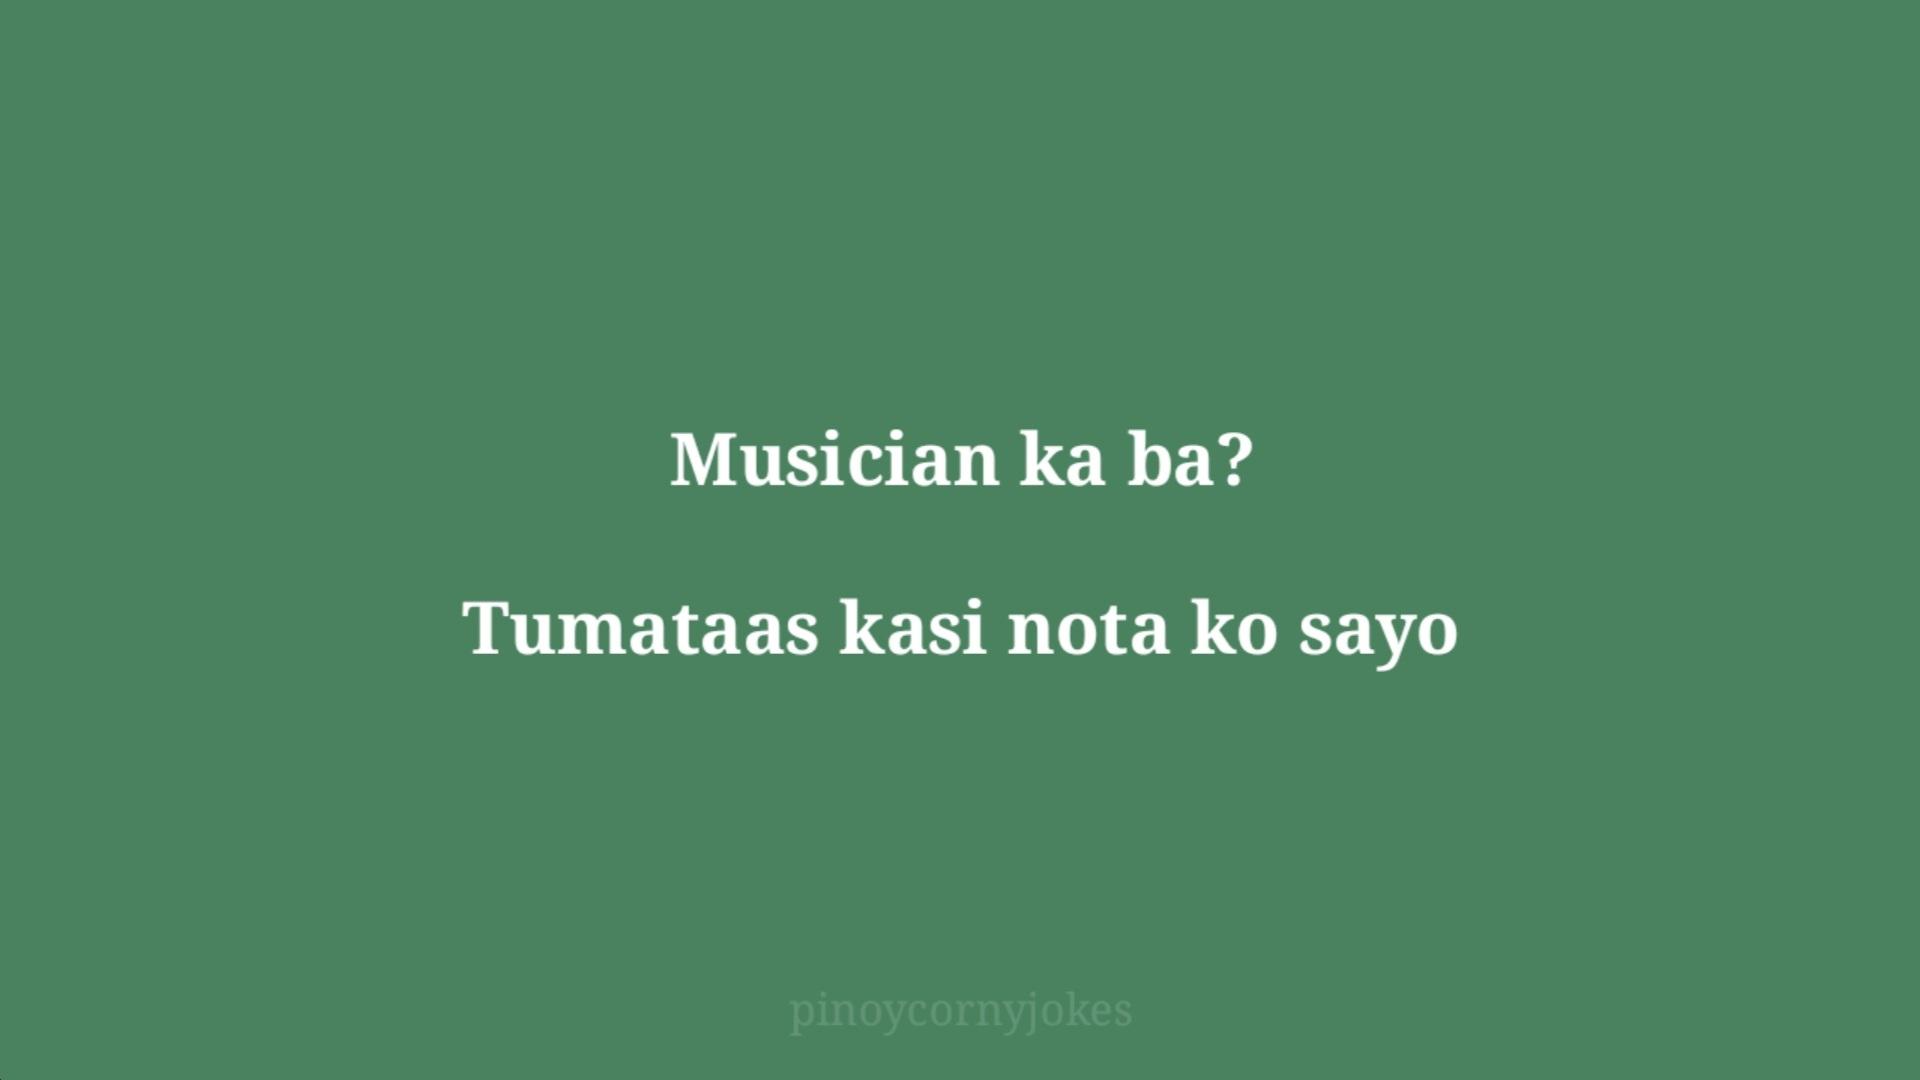 musician green jokes tagalog